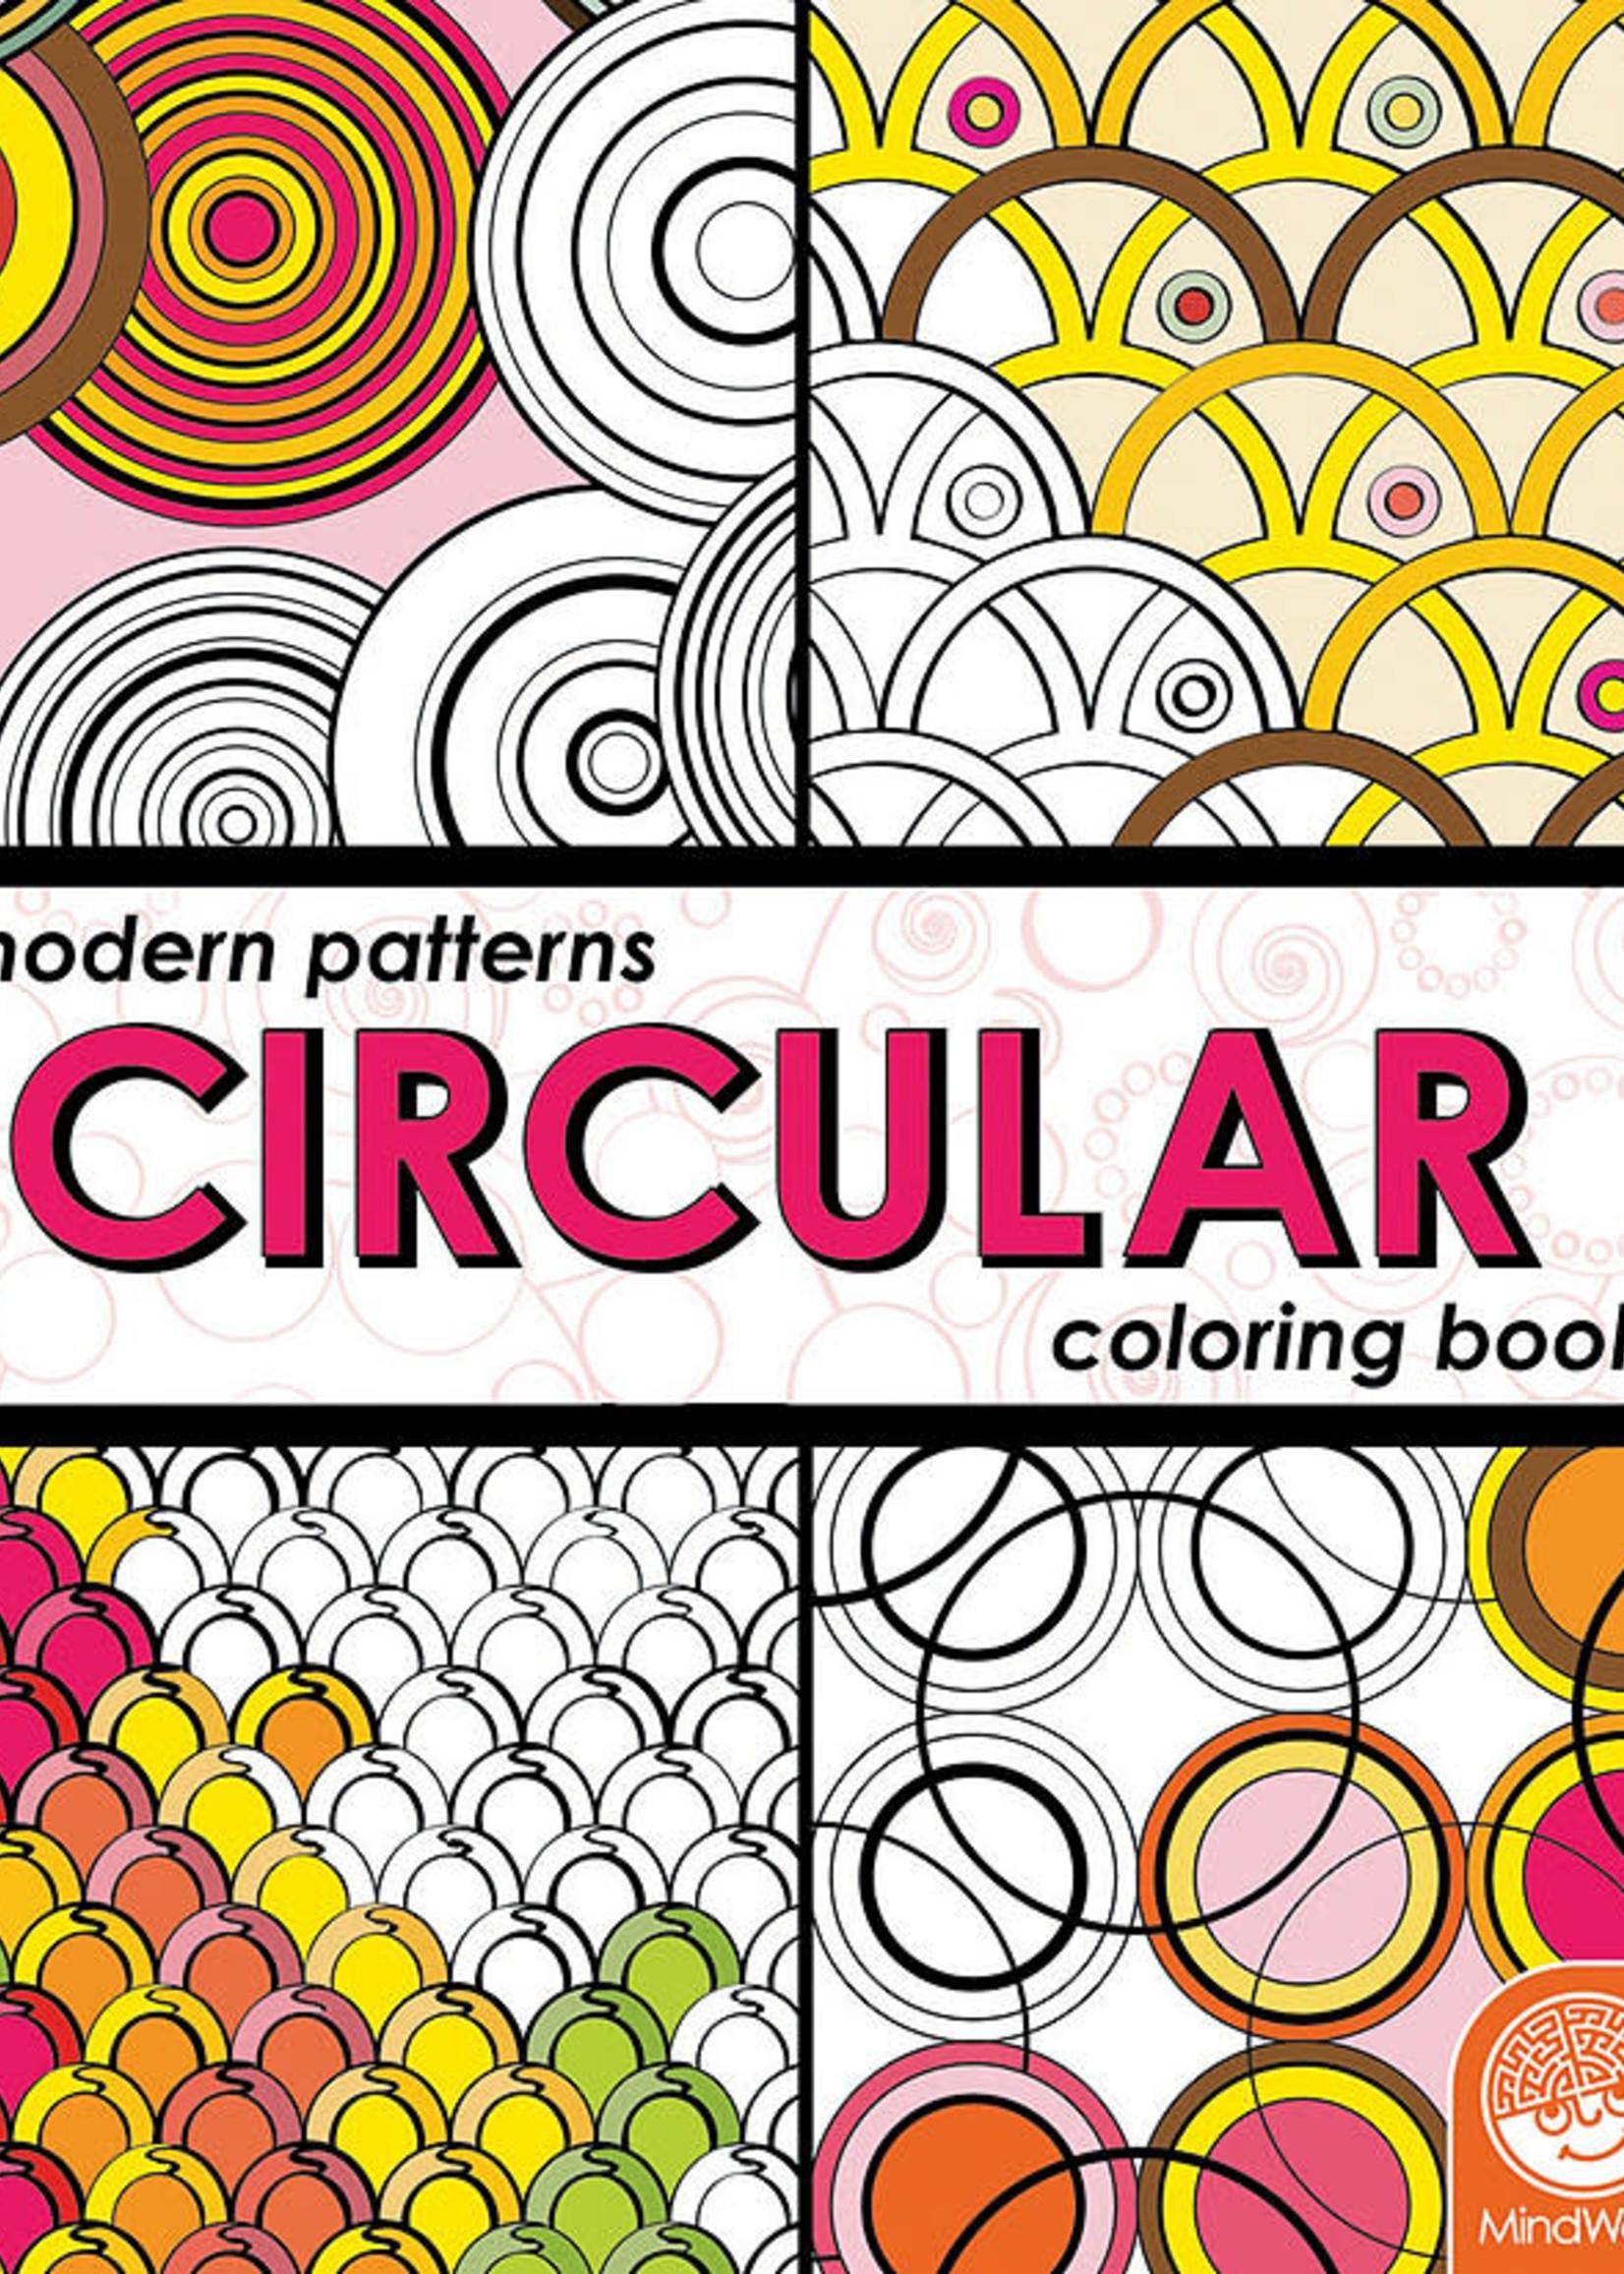 Mindware Mindware Modern Patterns: Circular